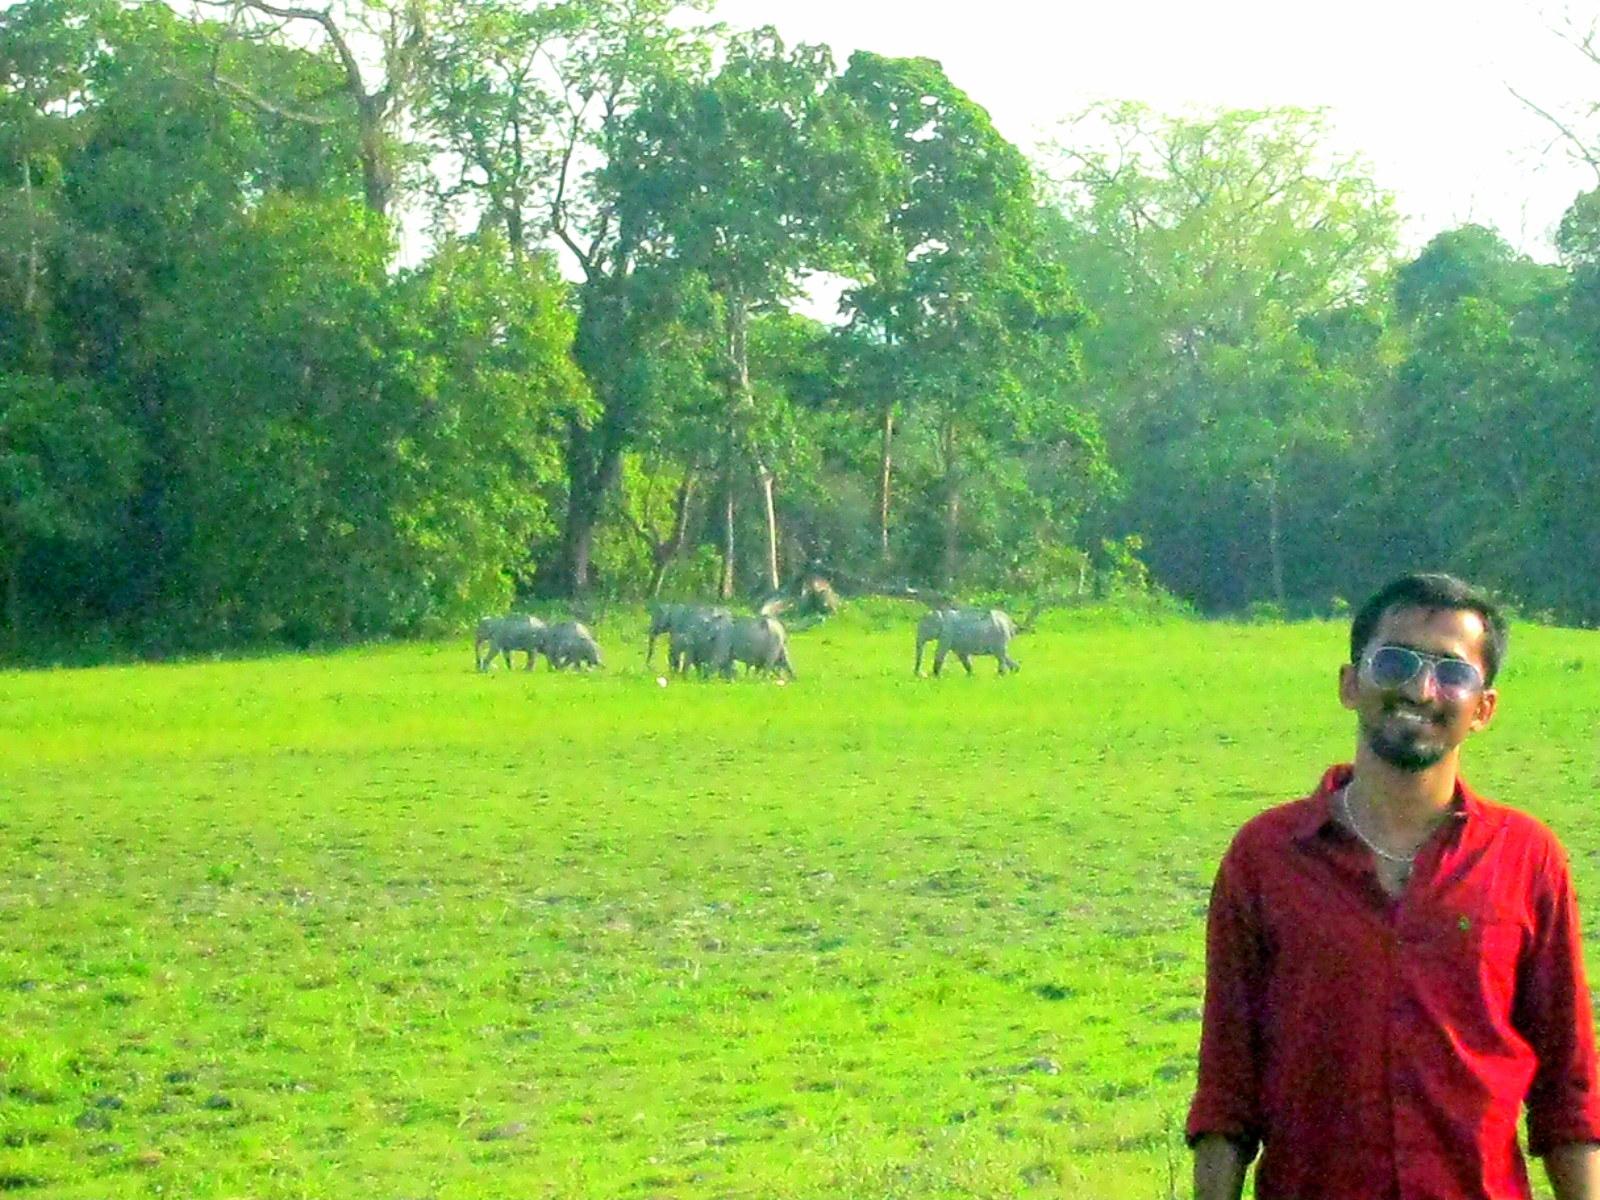 Kaziranga National Park - India Rupavath Rana Veer Samara Sihman Bharattej